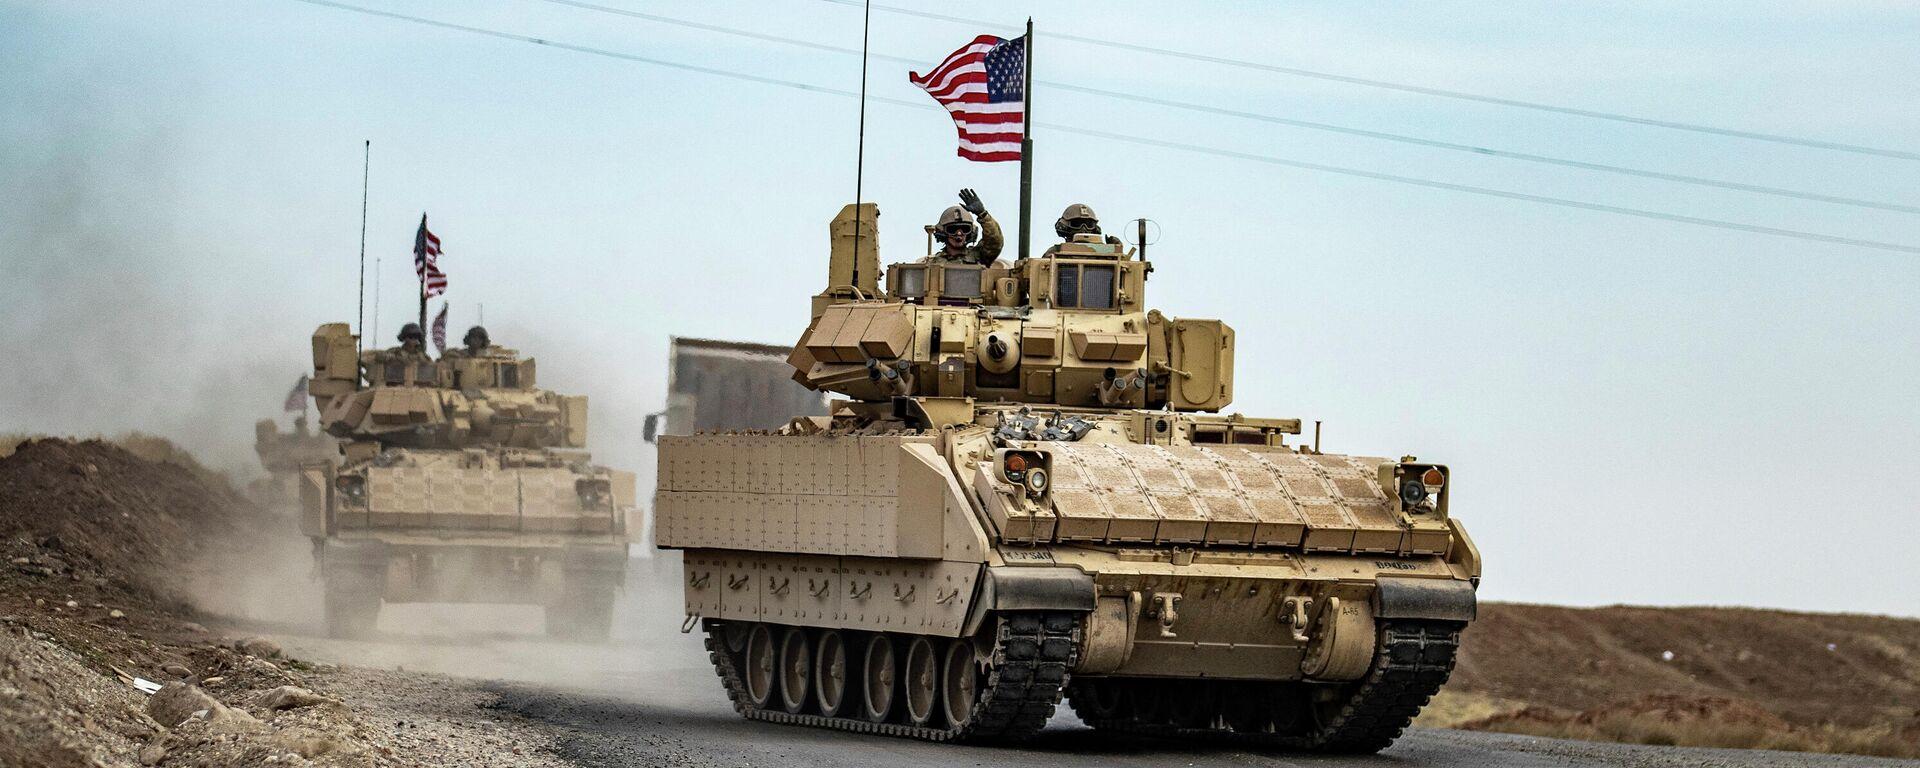 US-Soldaten mit Bradley-Panzern patrouillieren am 12. Januar 2021 in einem Gebiet nahe dem nordöstlichen Grenzübergang Semalka zwischen Syrien und dem Irak. - SNA, 1920, 08.04.2021